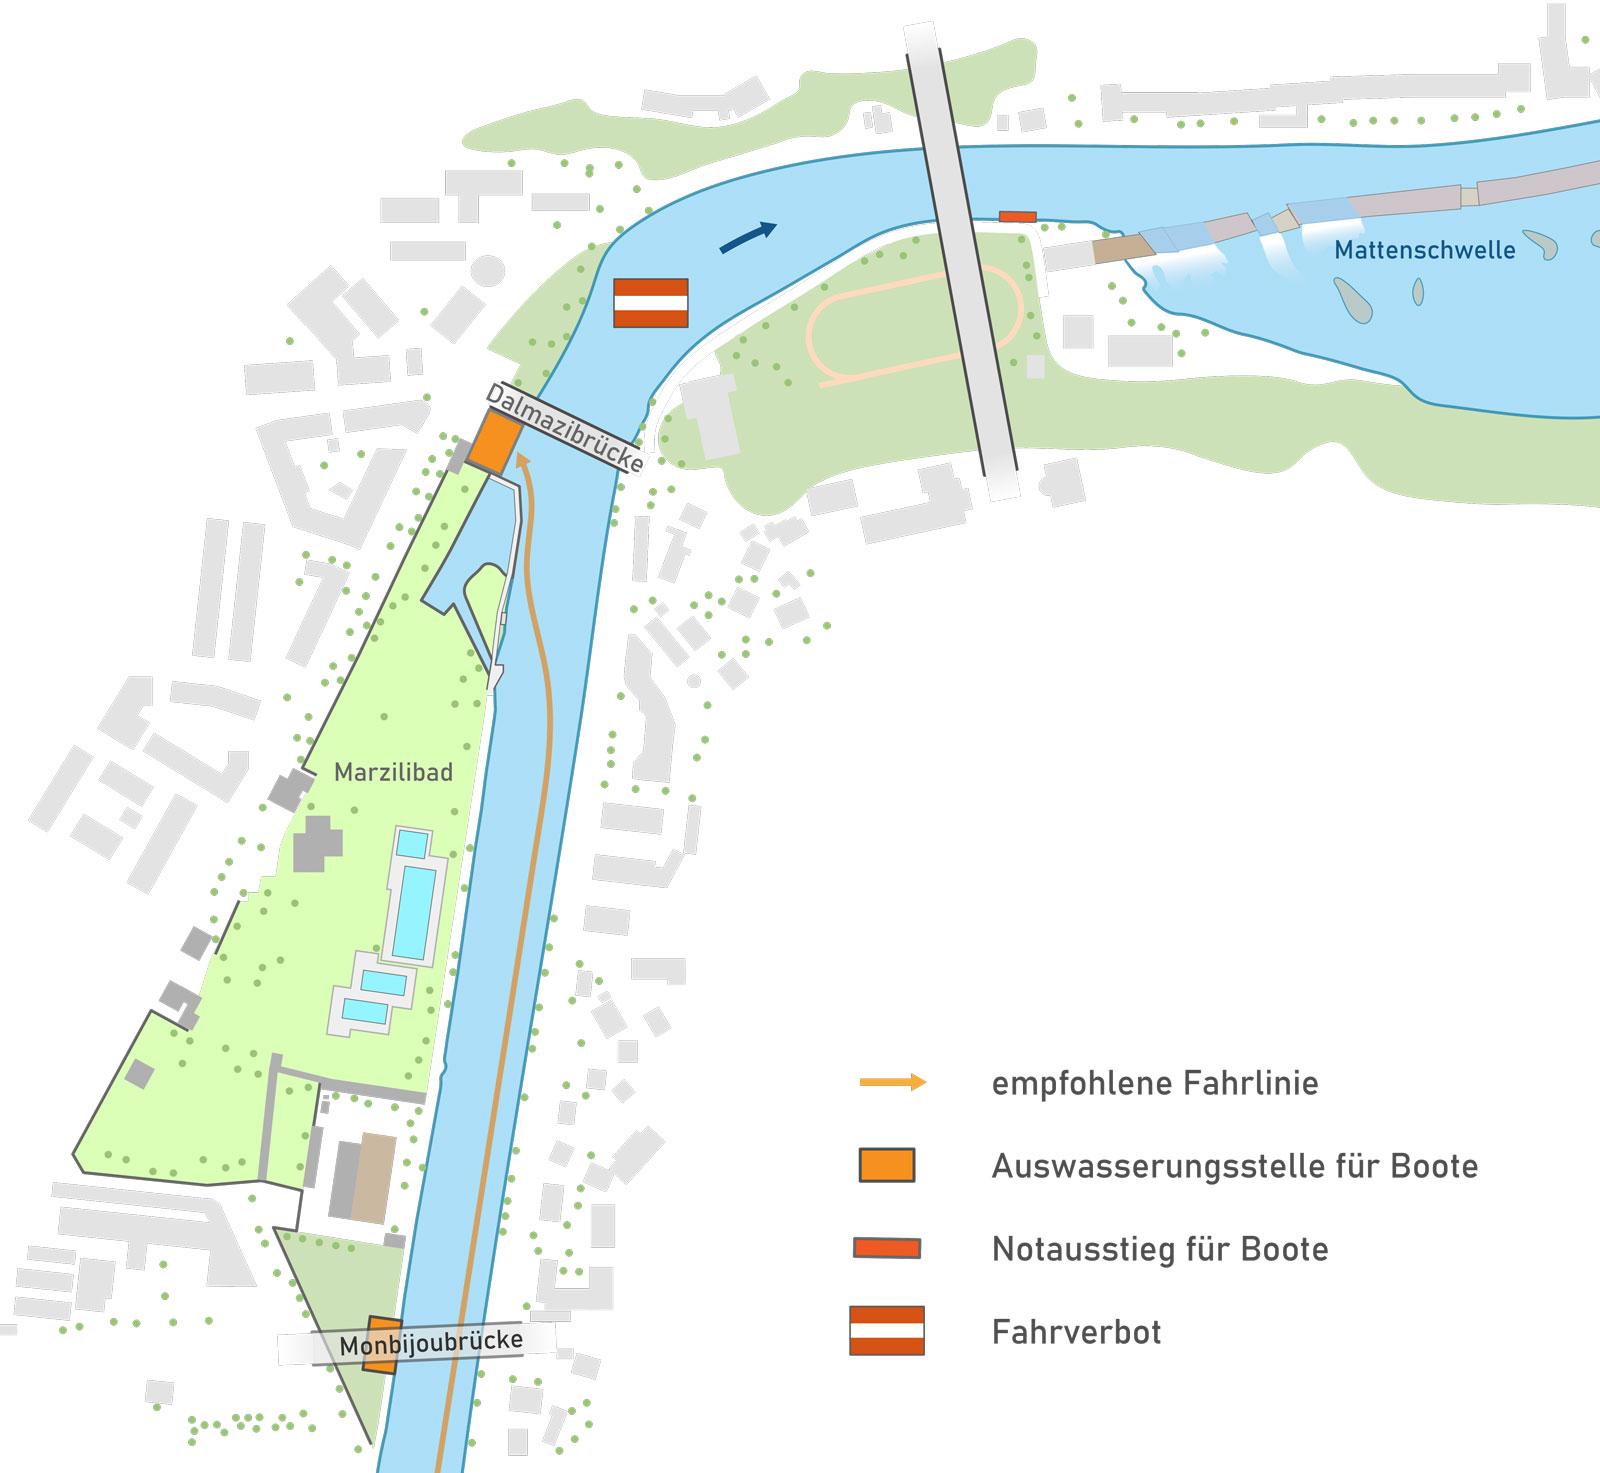 aare_auswasserunstellen-monbijoubrücke_dalmazibrücke_einwasser